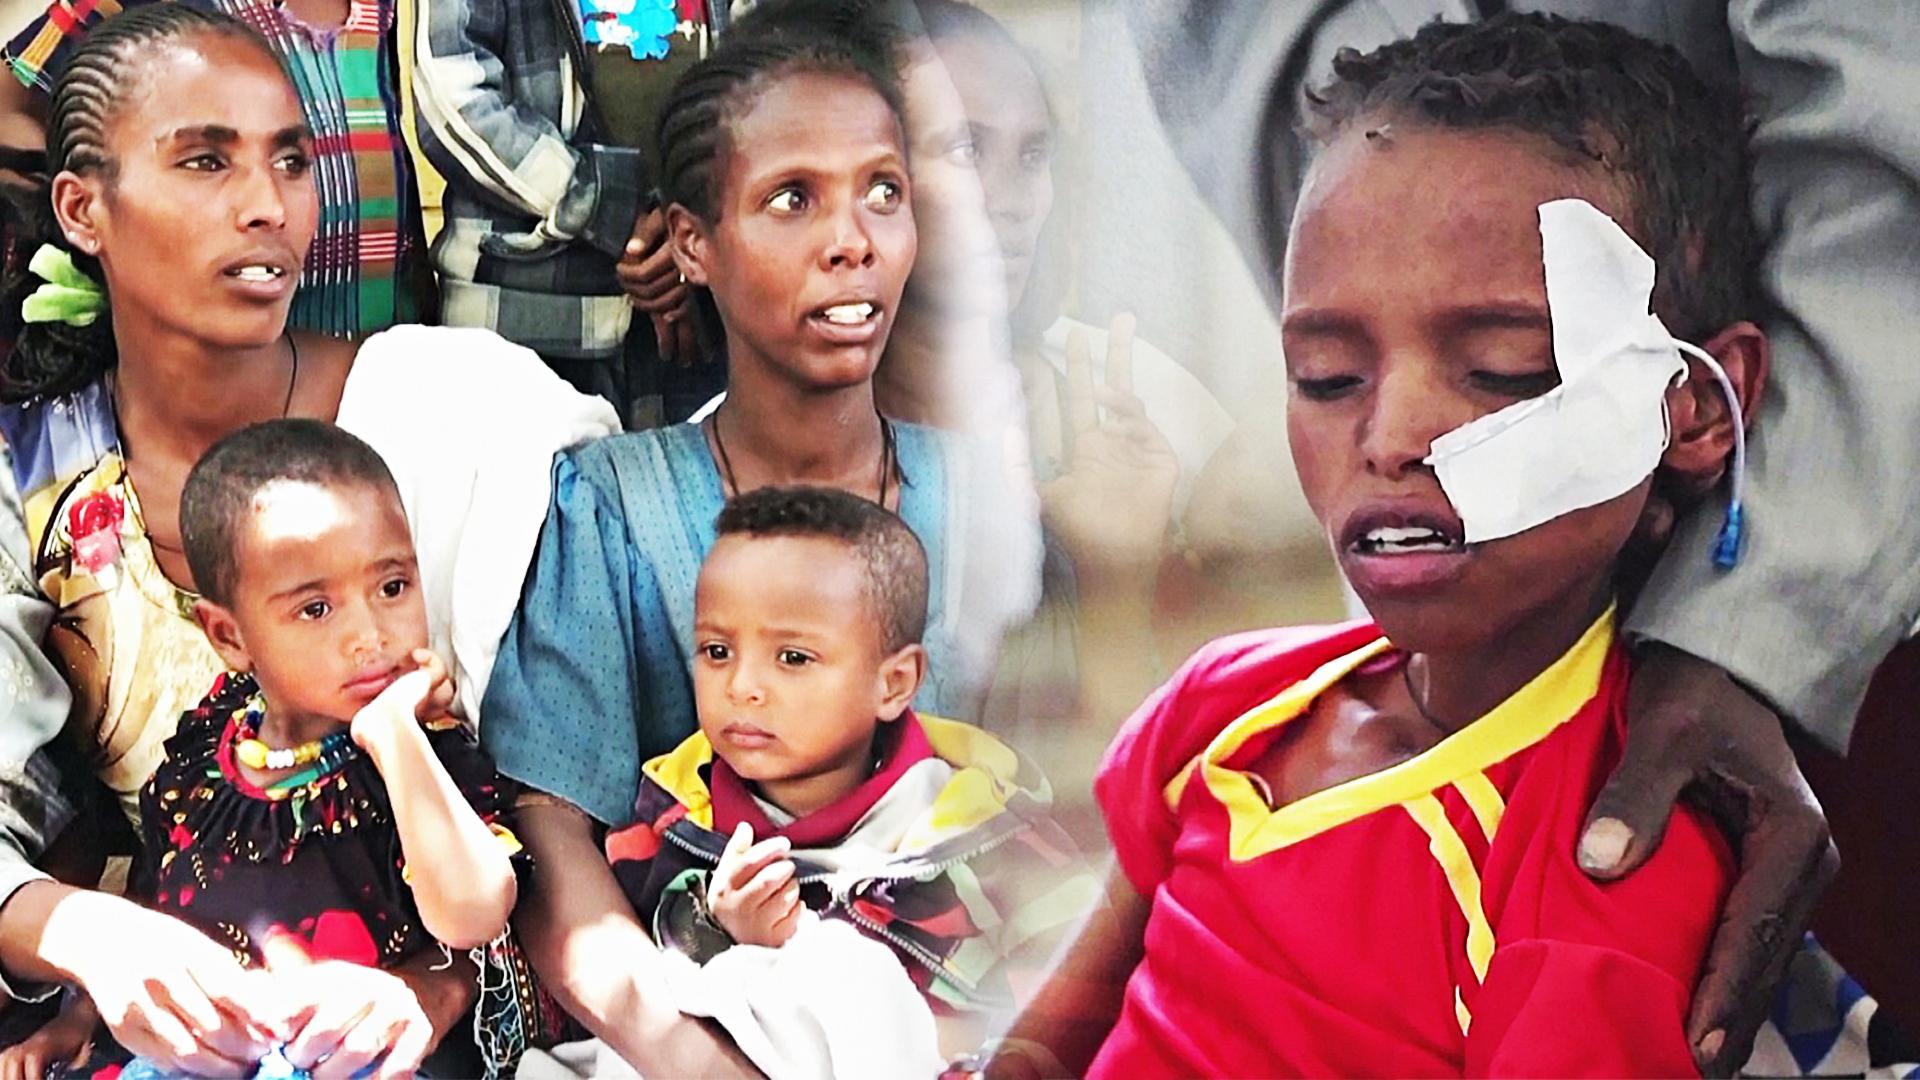 ООН: 100 000 детей могут умереть от голода в эфиопском регионе Тыграй